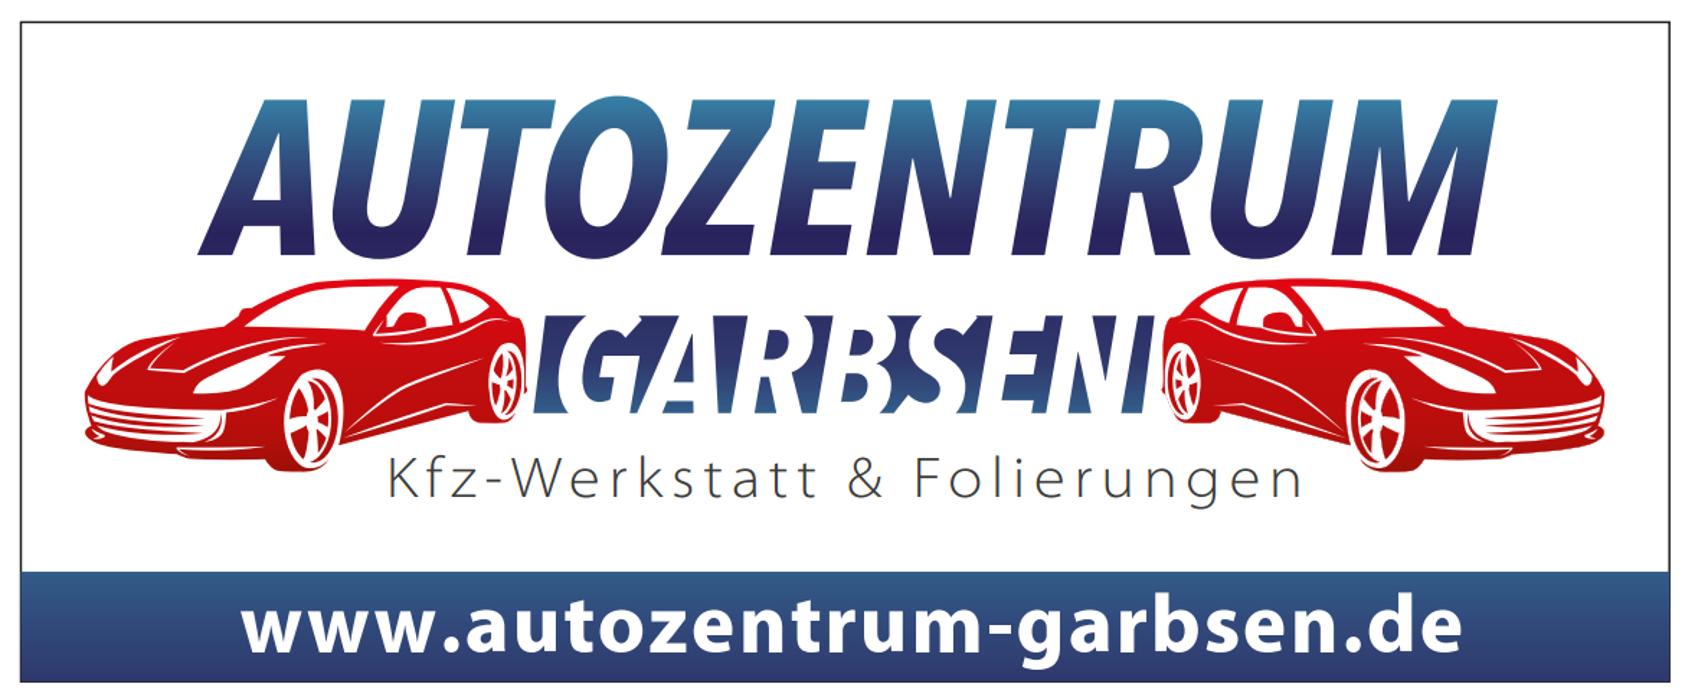 Bild zu Autozentrum Garbsen in Garbsen